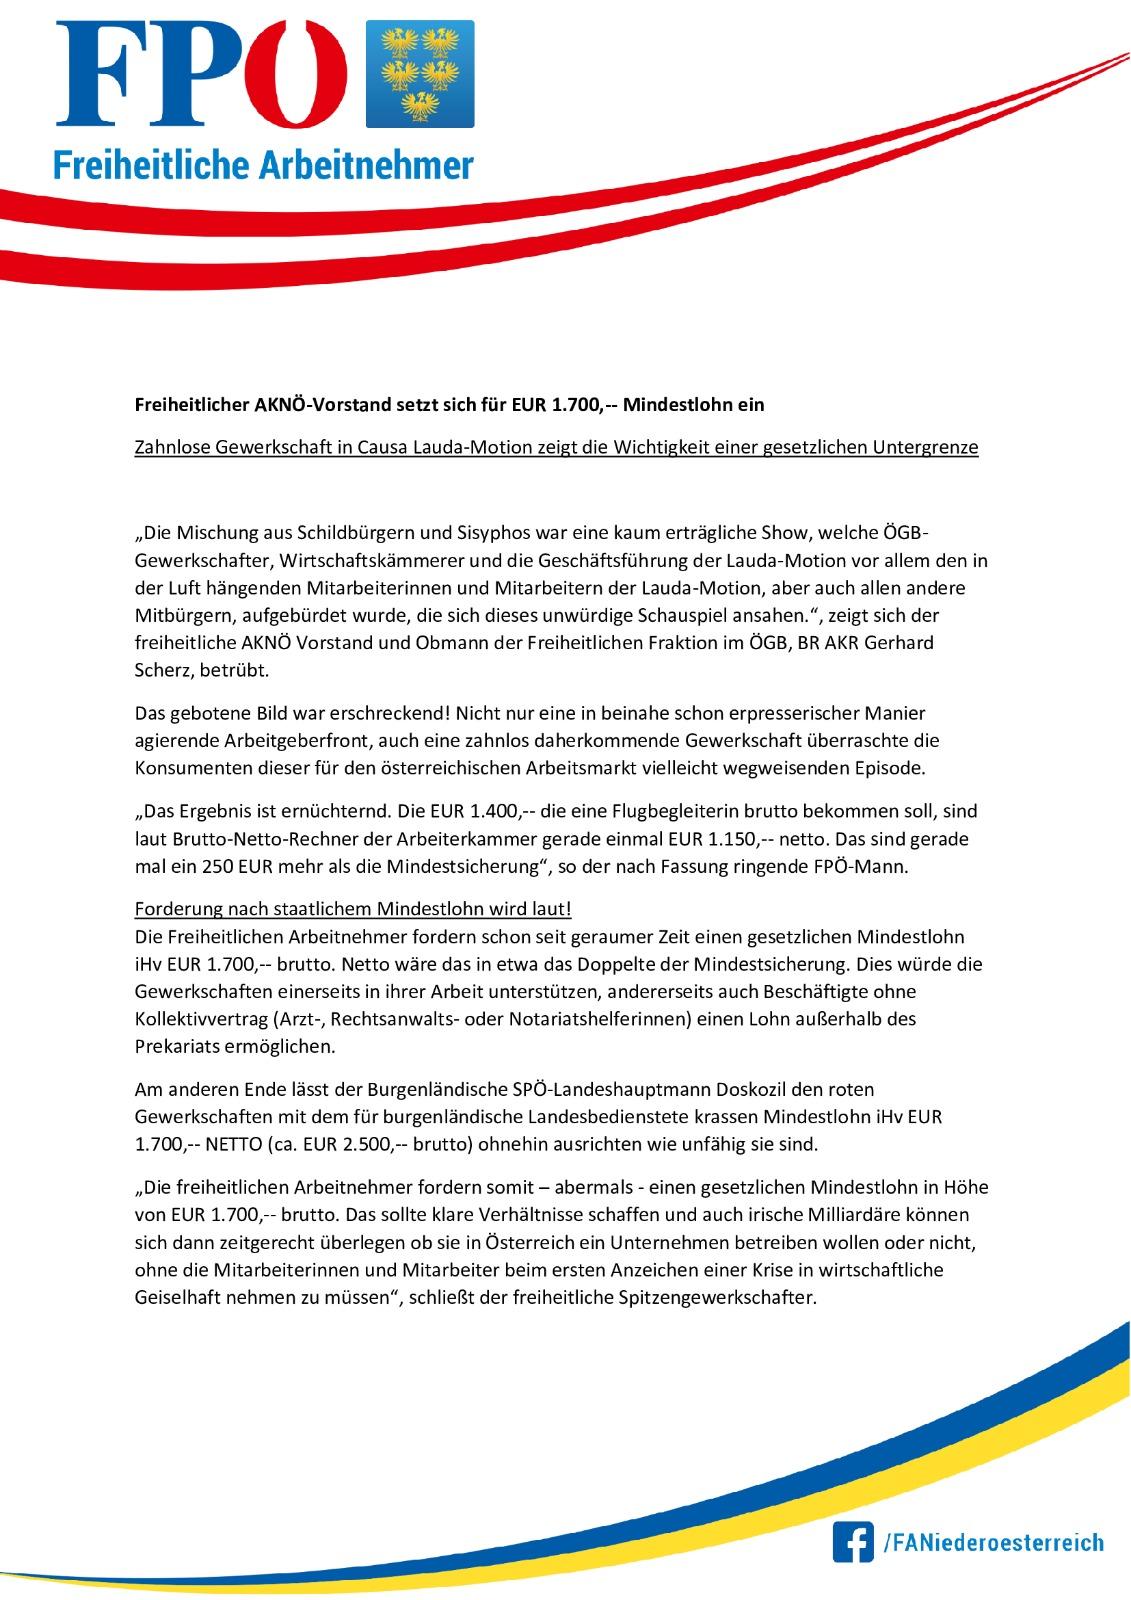 Freiheitlicher AKNÖ-Vorstand setzt sich für 1.700 EUR Mindestlohn ein